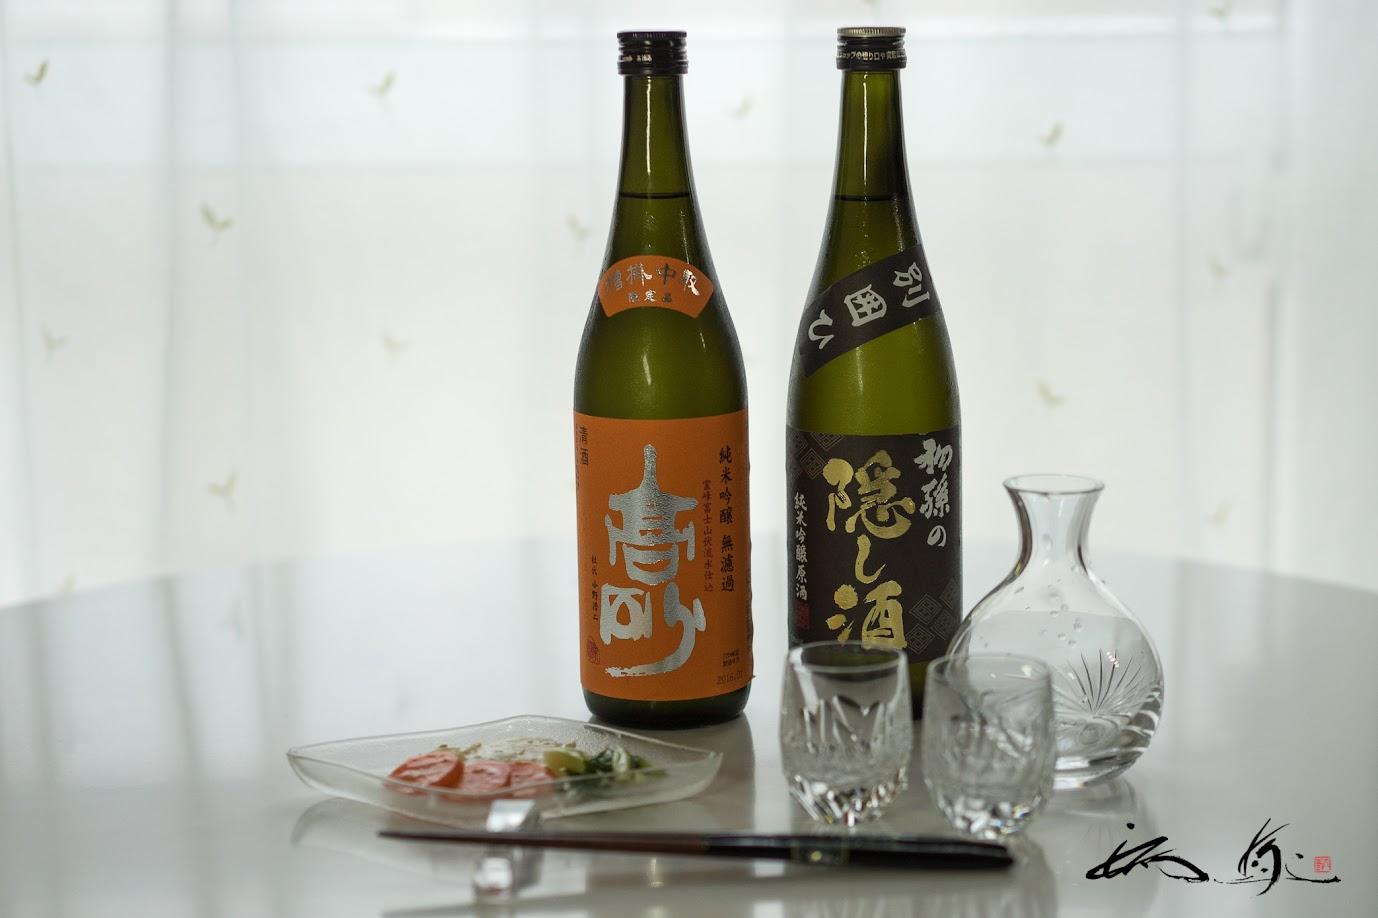 「初孫の隠し酒」(山形県)&「高砂」(静岡県)